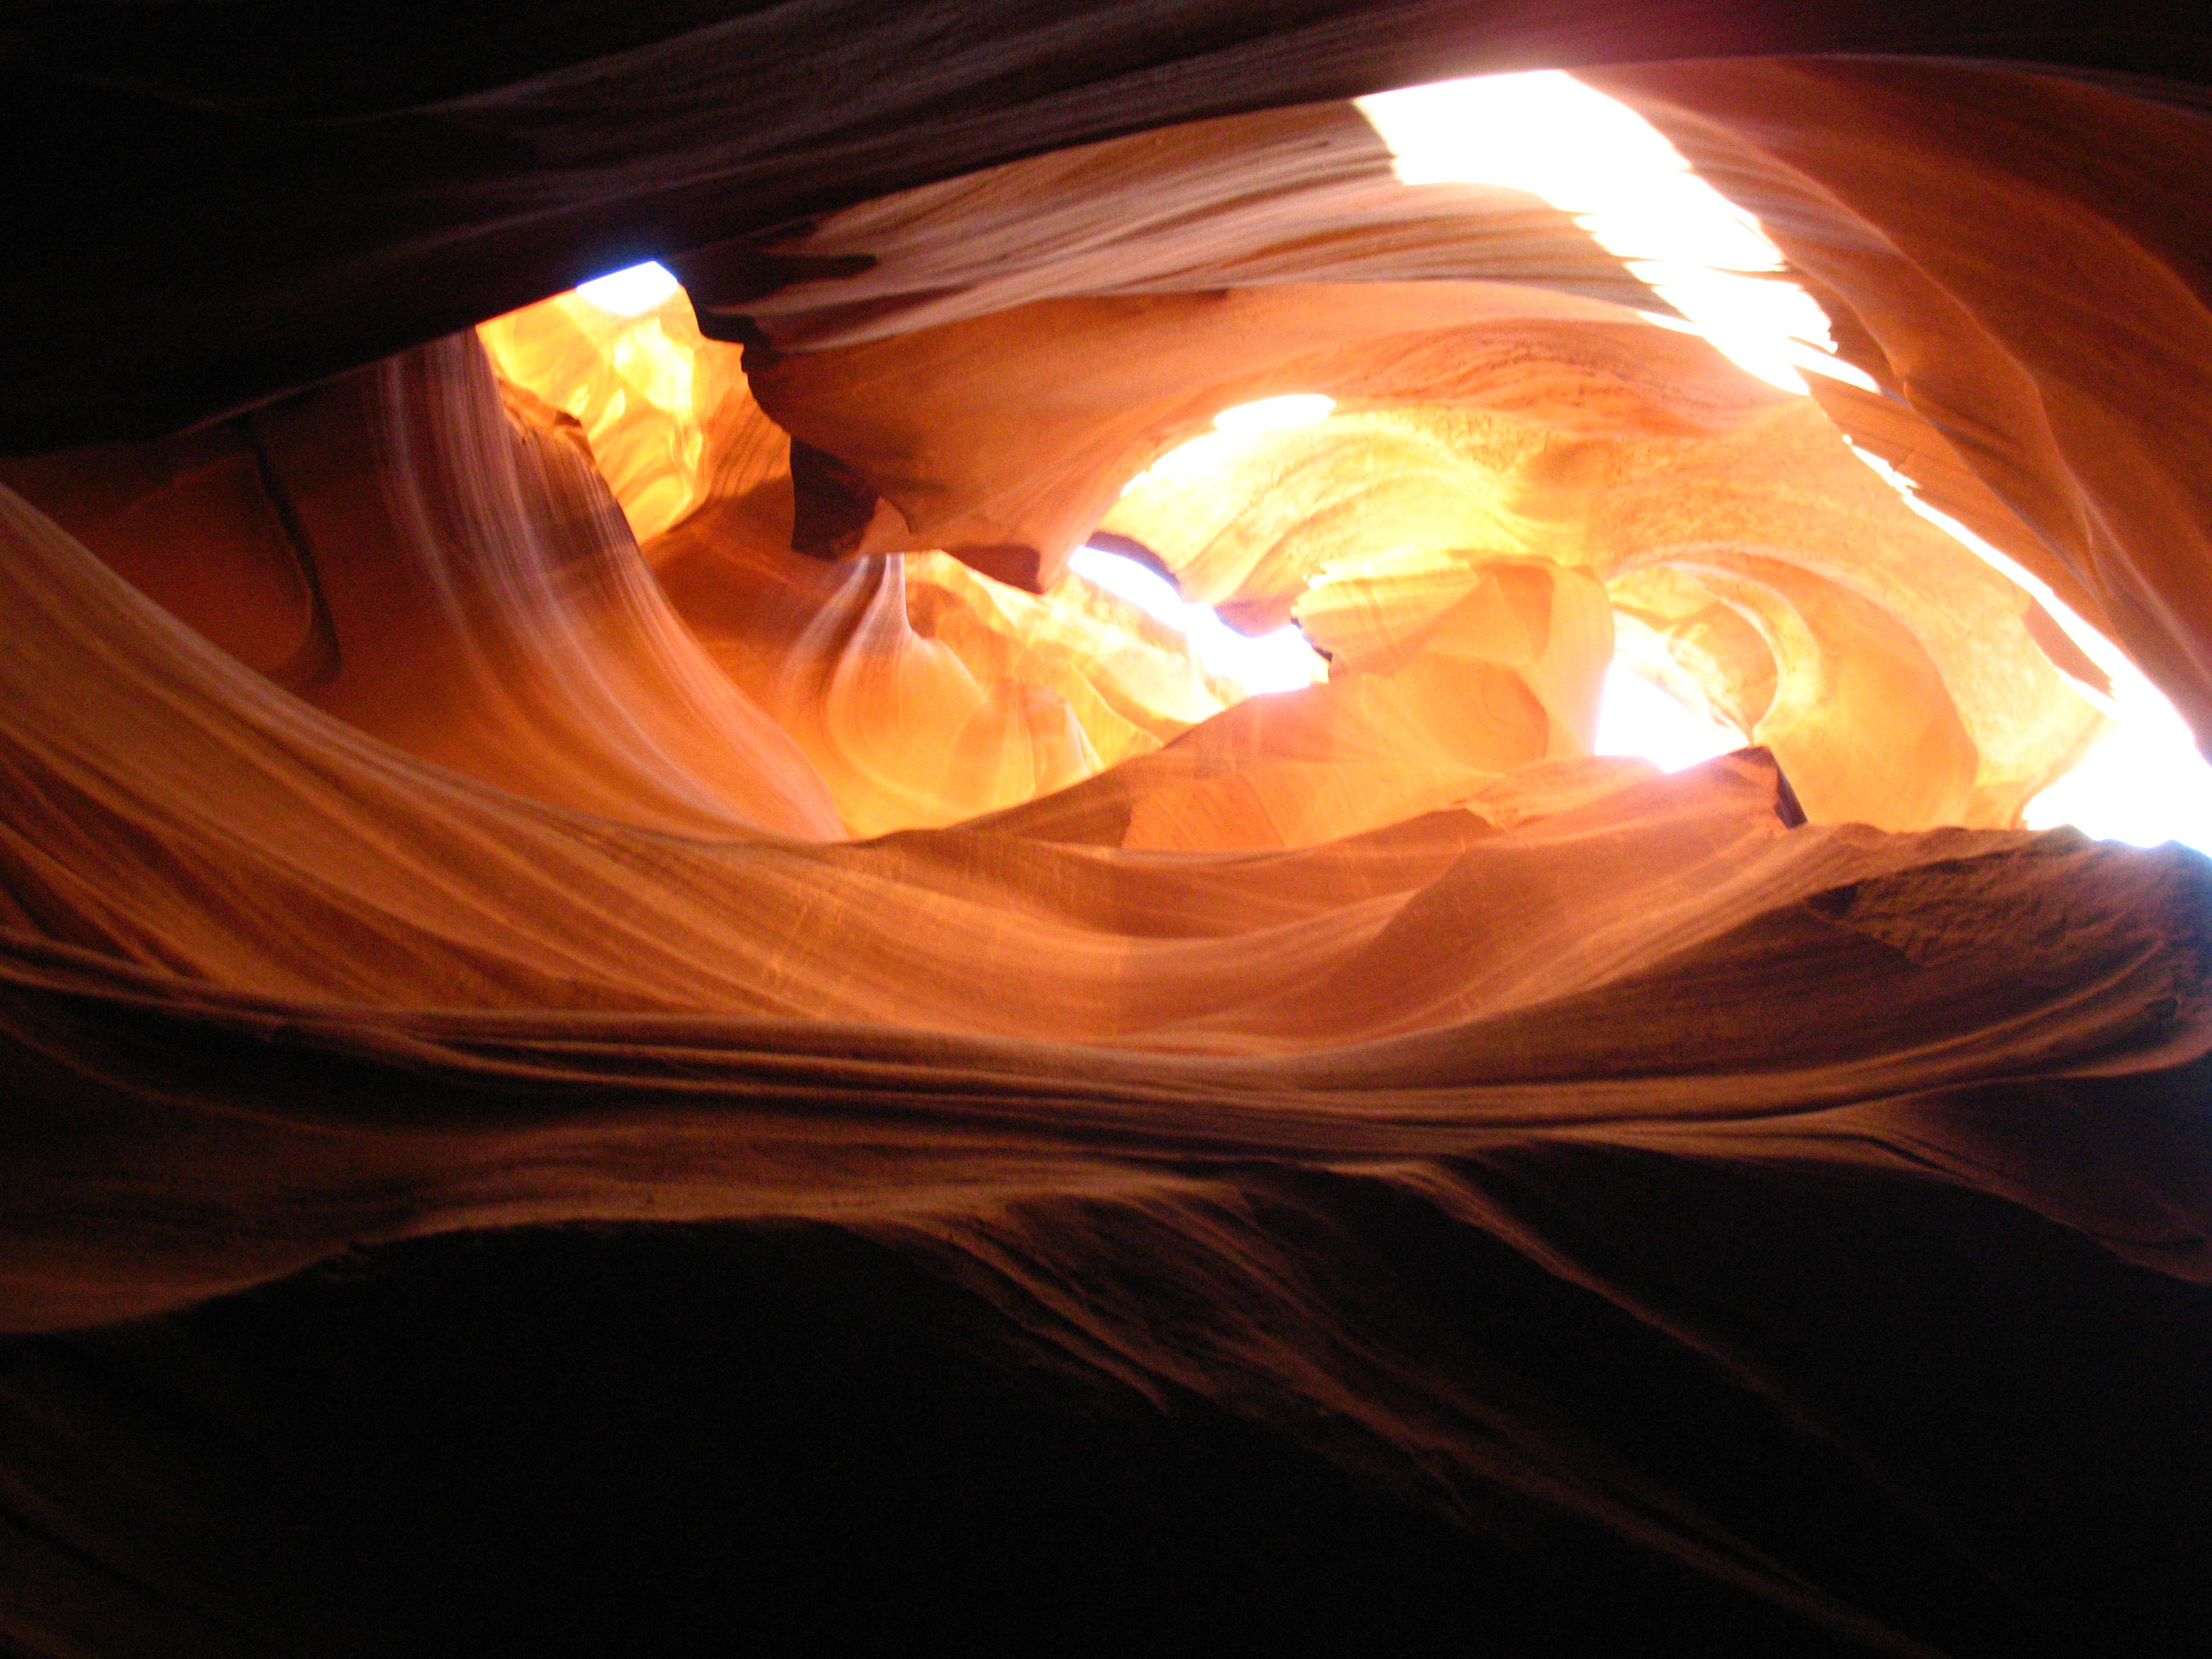 Piercing Sunlight - Antelope Canyon